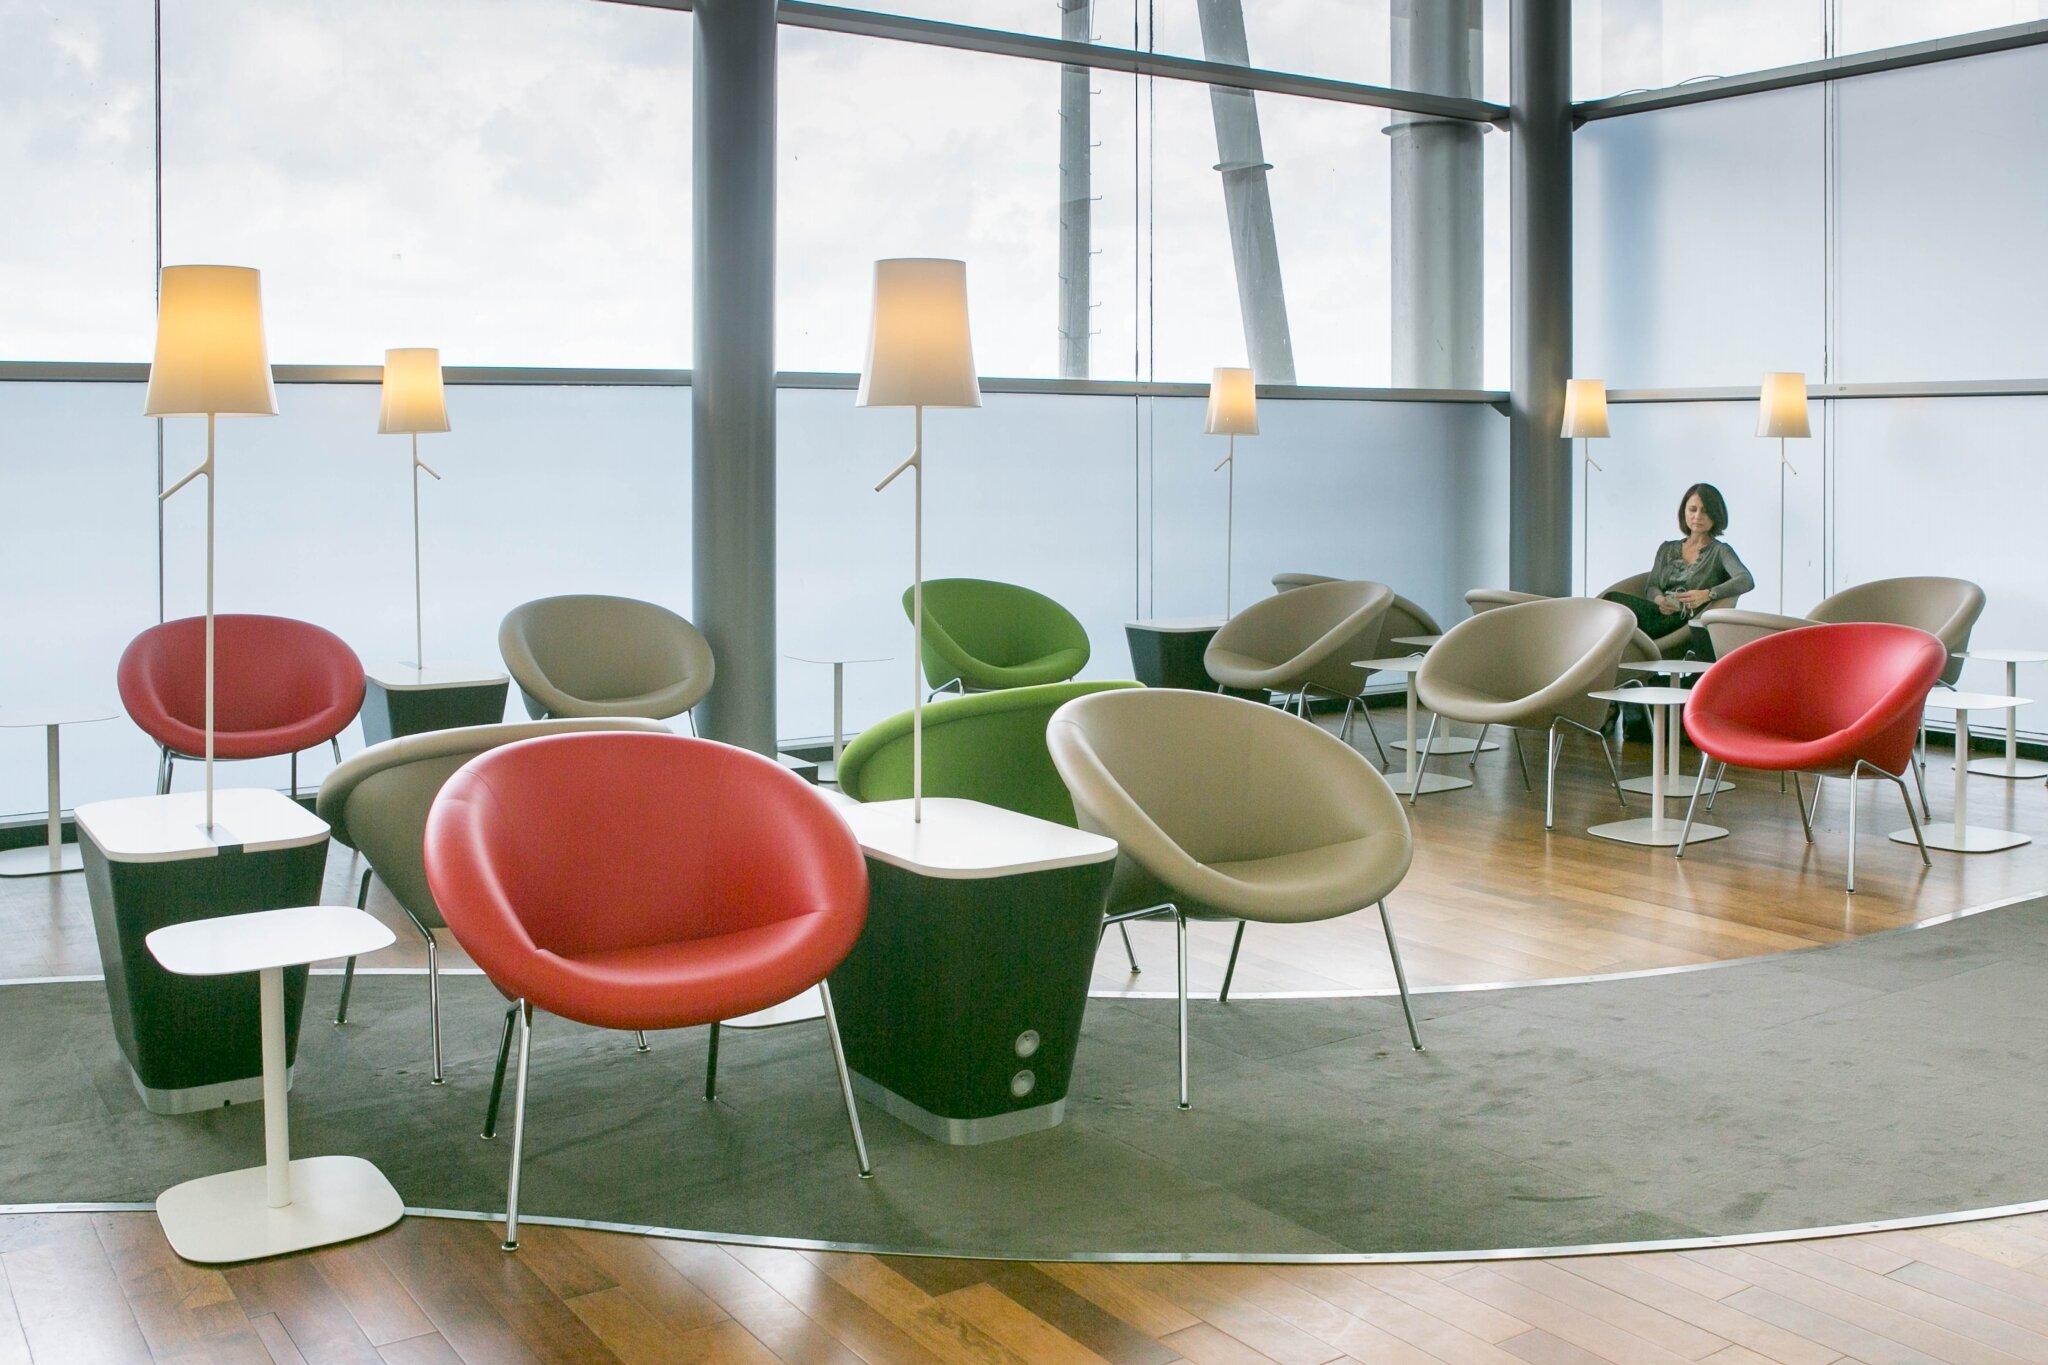 Nouveau salon af cayenne ohlalair for Salon air france orly